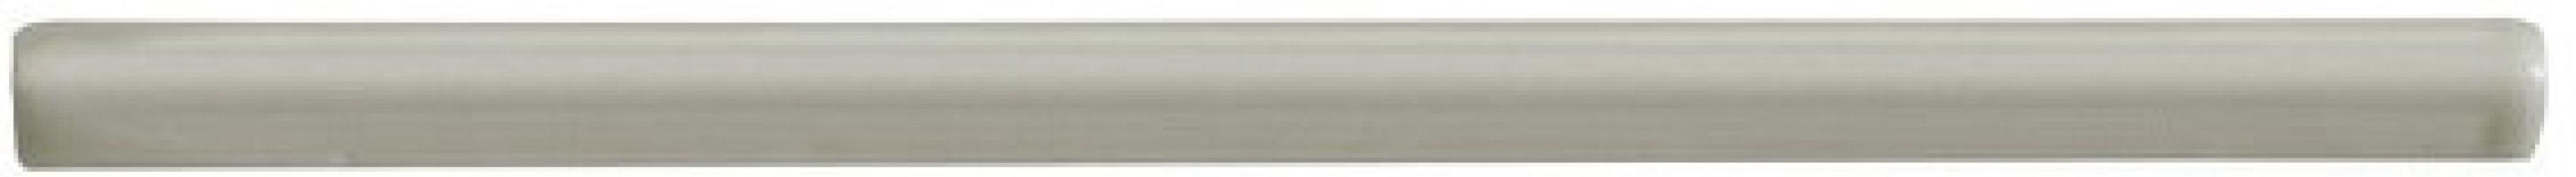 Бордюр Neri ADNE5585 Bullnose Trim Silver Mist 0.85x15 Adex